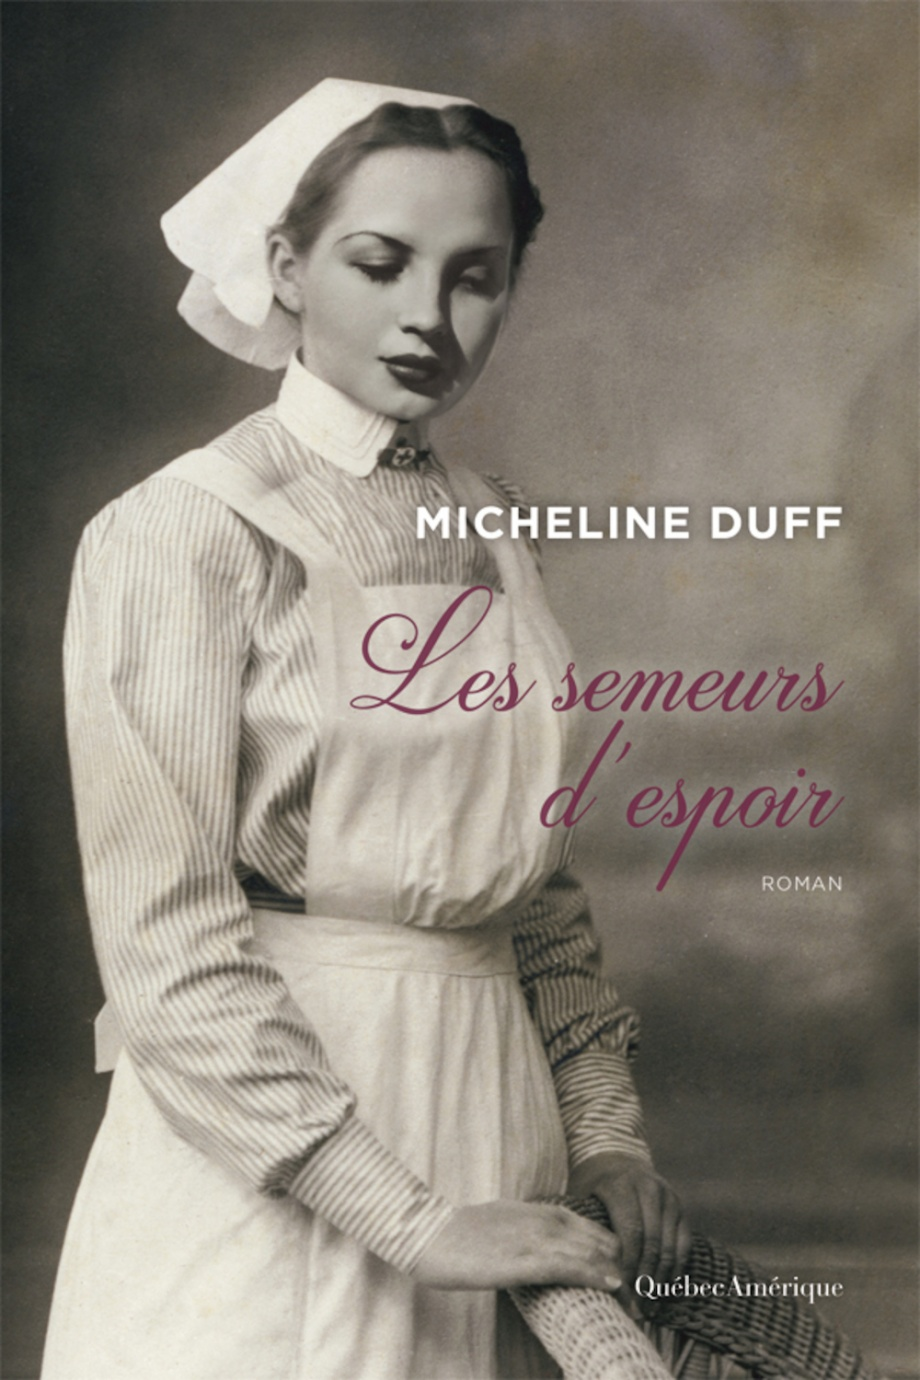 Micheline Duff